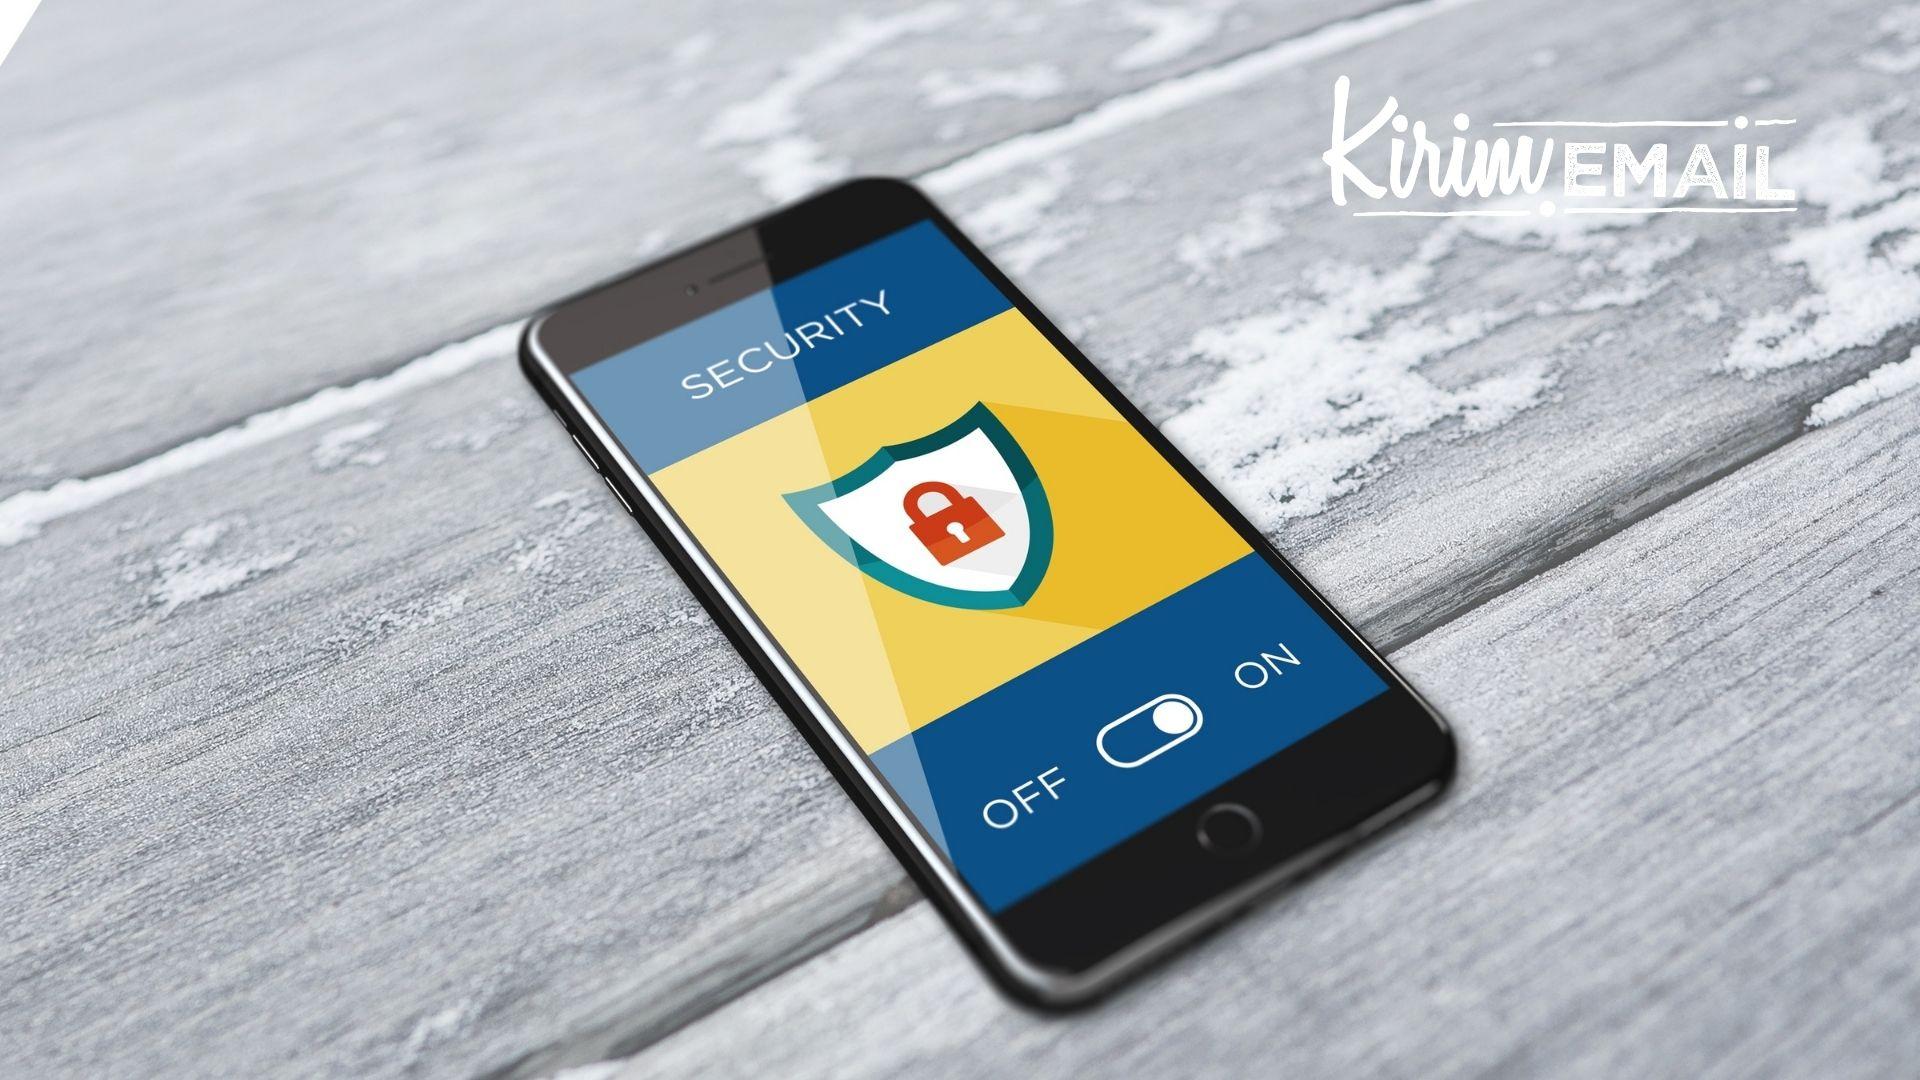 10 Tips Menjaga Privasi Di Internet Dari Jangkauan Hacker